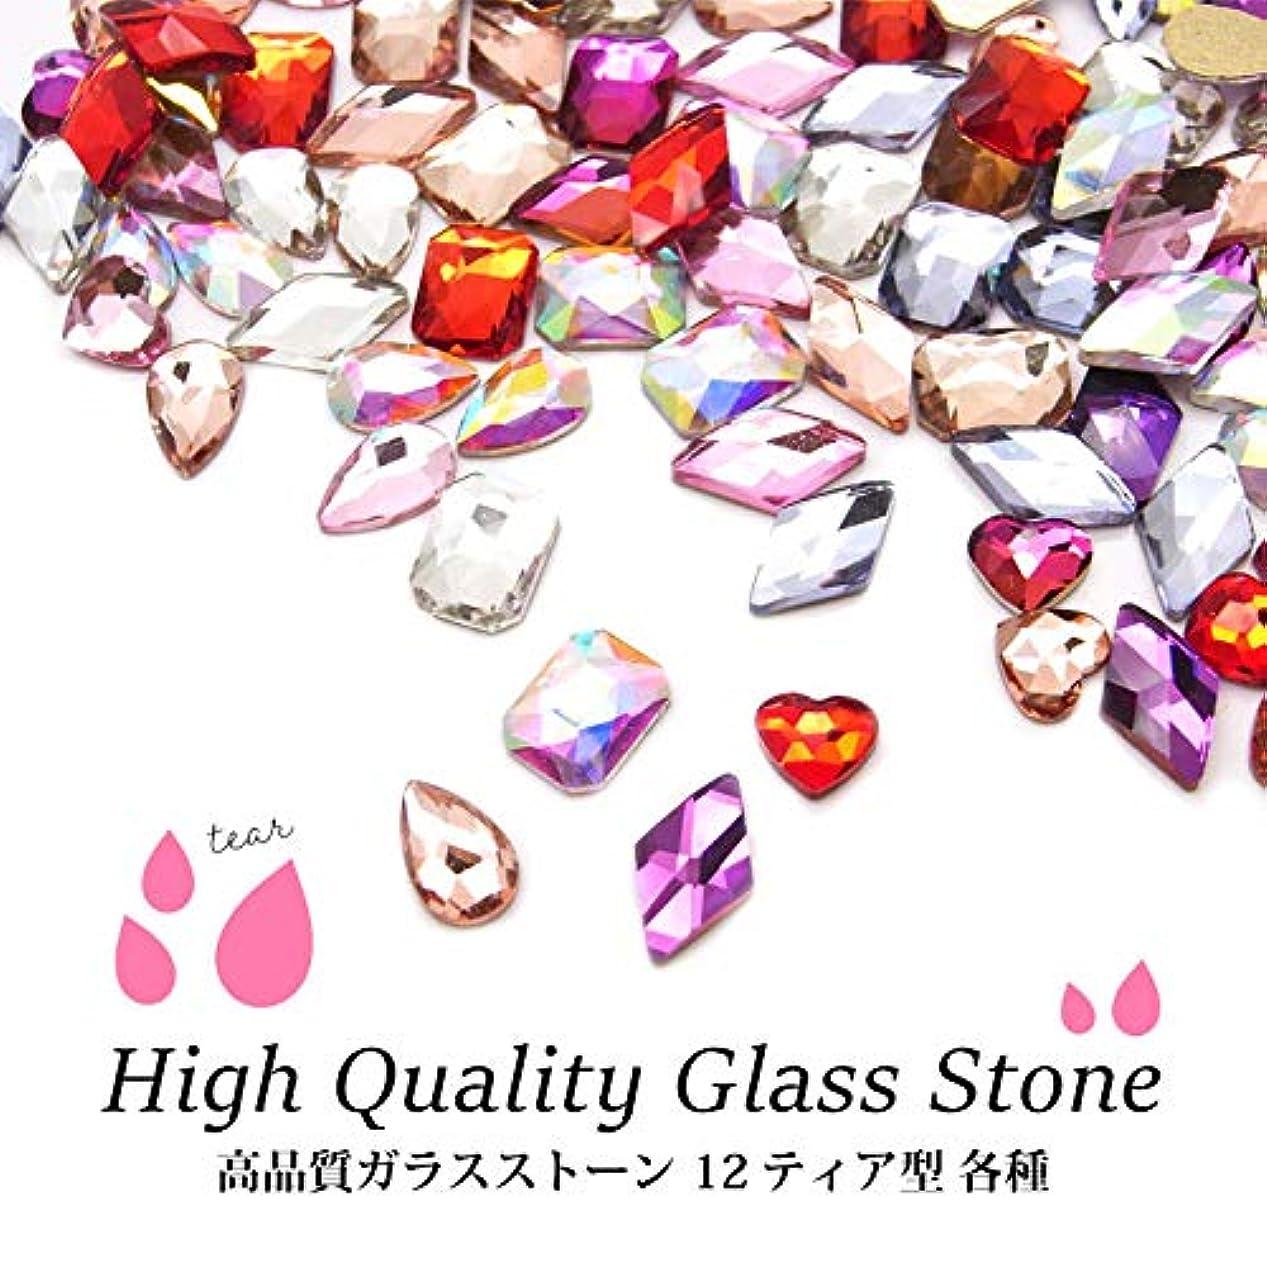 ブルームアプトゲインセイ高品質ガラスストーン 12 ティア型 各種 5個入り (6.ライトローズ)